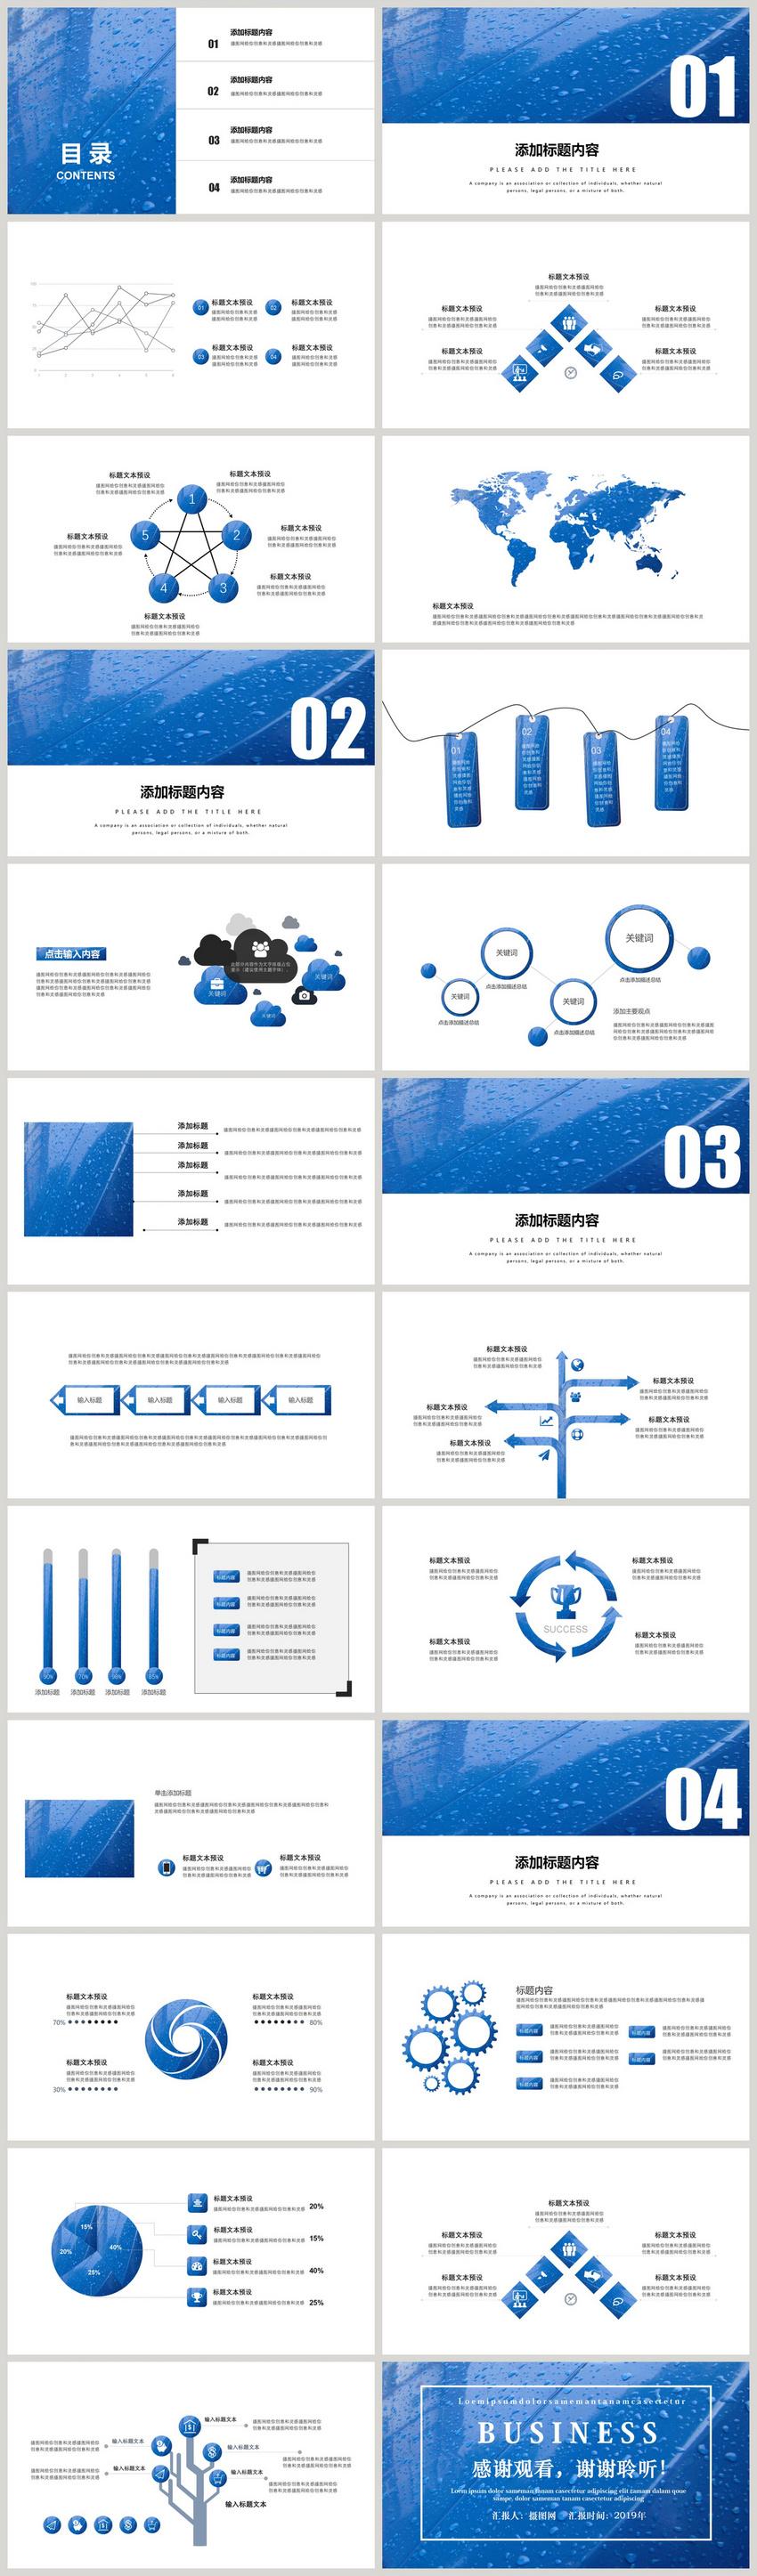 蓝色商务企业员工培训PPT模板图片